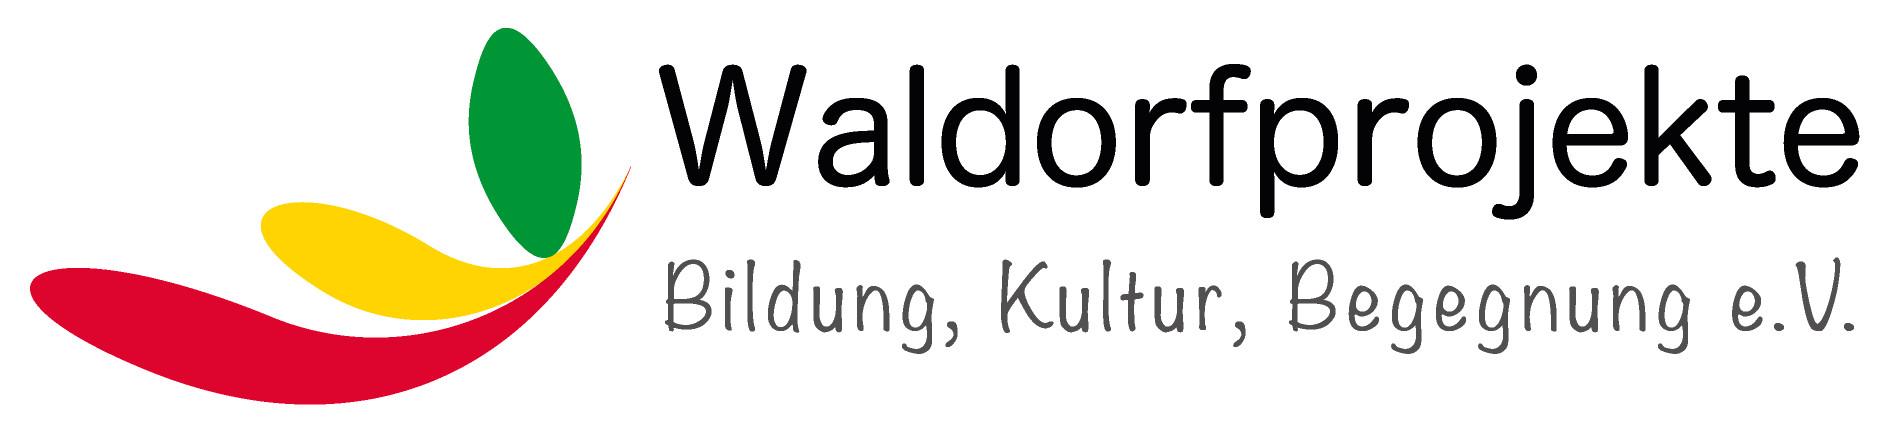 Waldorfprojekte Logo